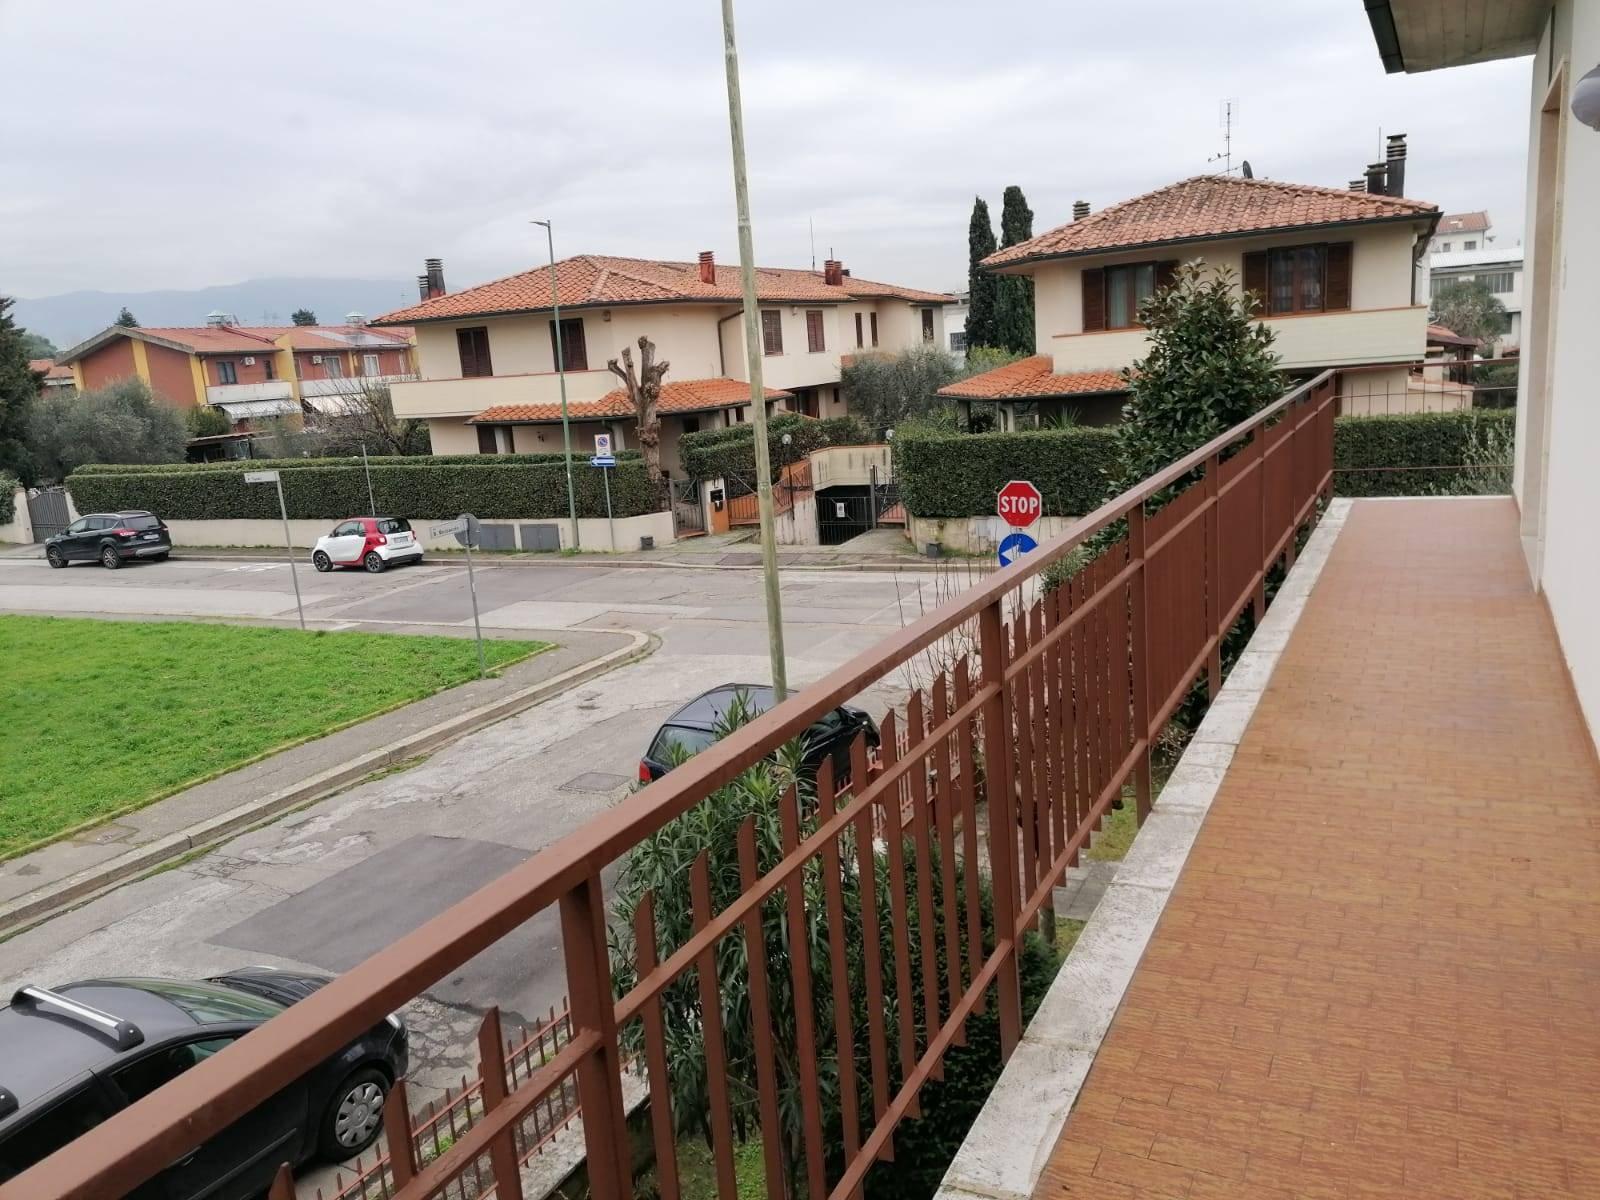 Villa in Vendita a Campi bisenzio zona  - immagine 14